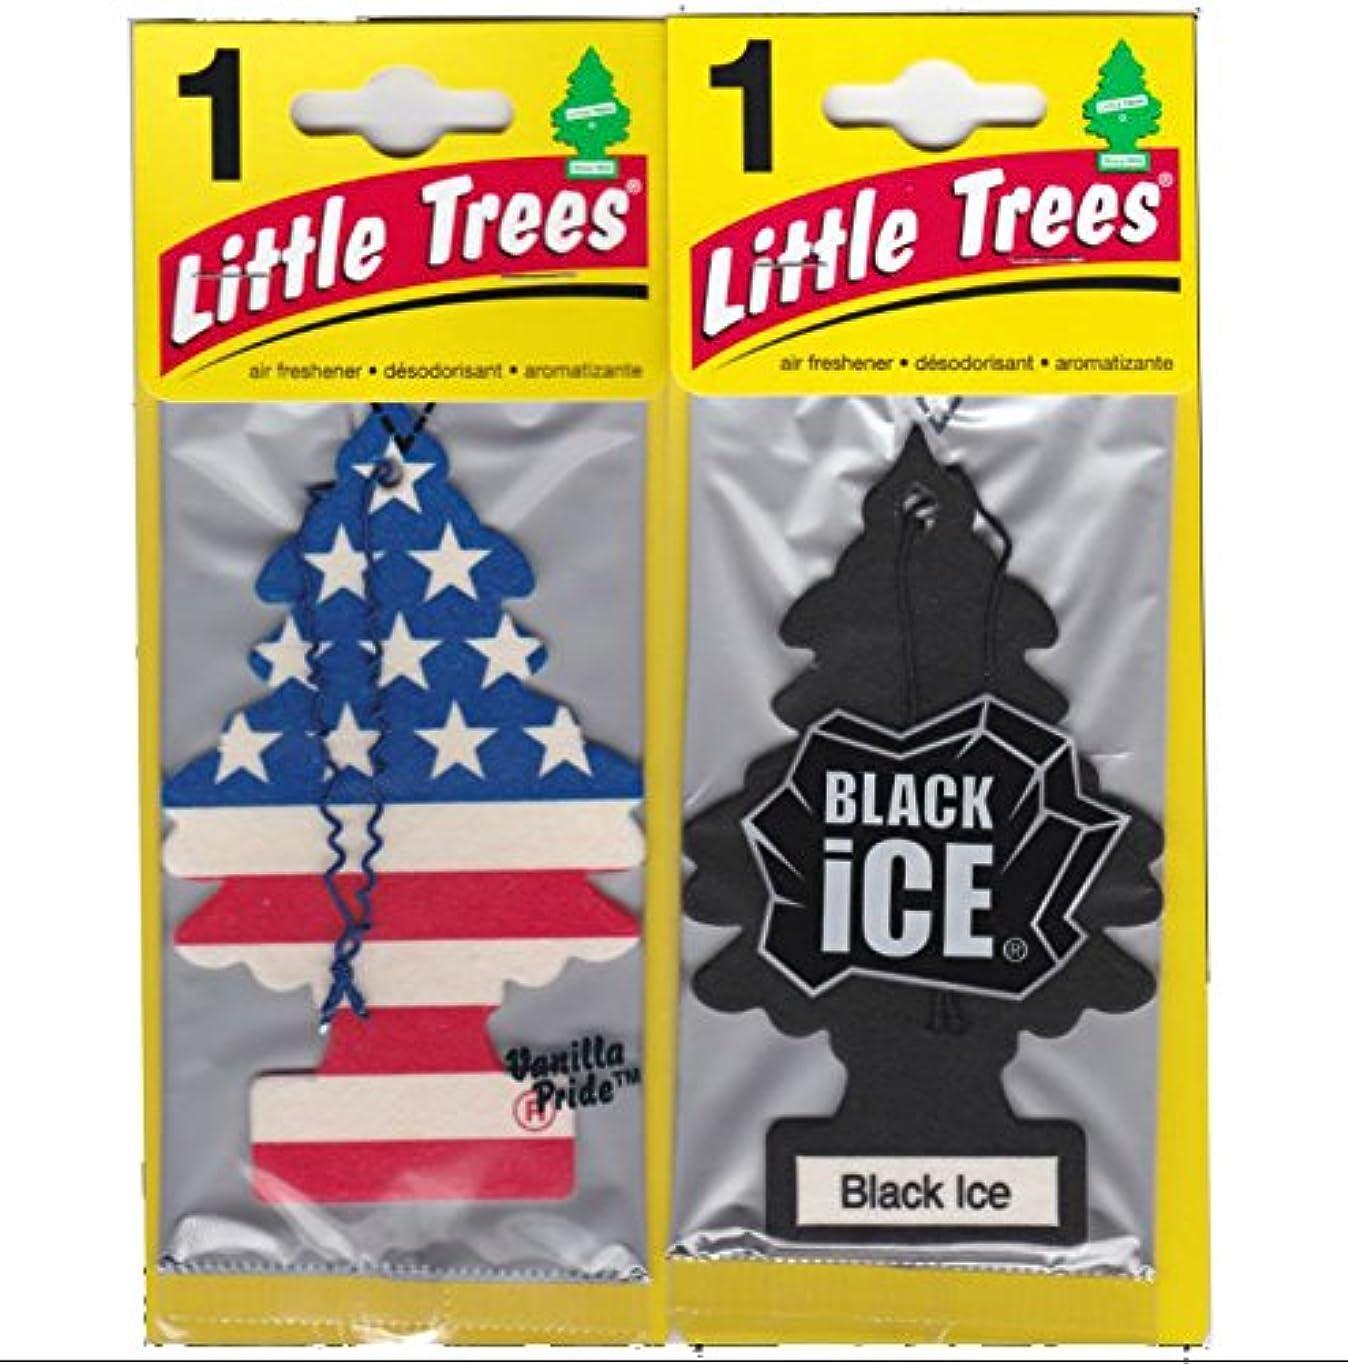 勤勉スカイ資料Little Trees 吊下げ式 芳香剤 エアーフレッシュナー ブラックアイス & バニラプライド [並行輸入品]